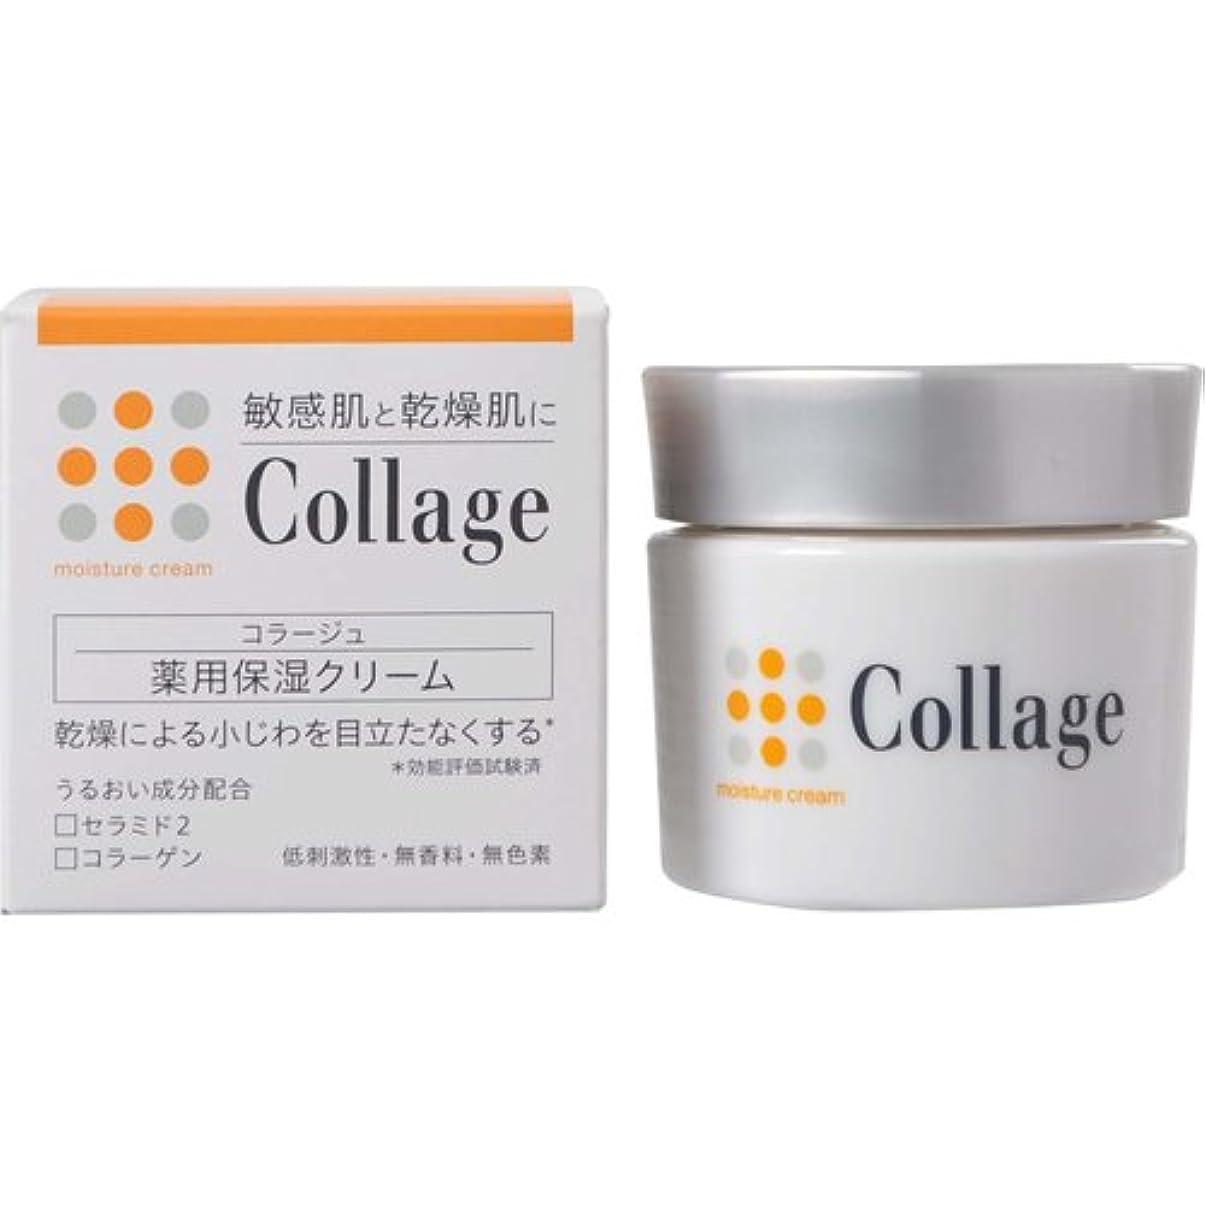 ウェイド音メニューコラージュ 薬用保湿クリーム 30g 【医薬部外品】